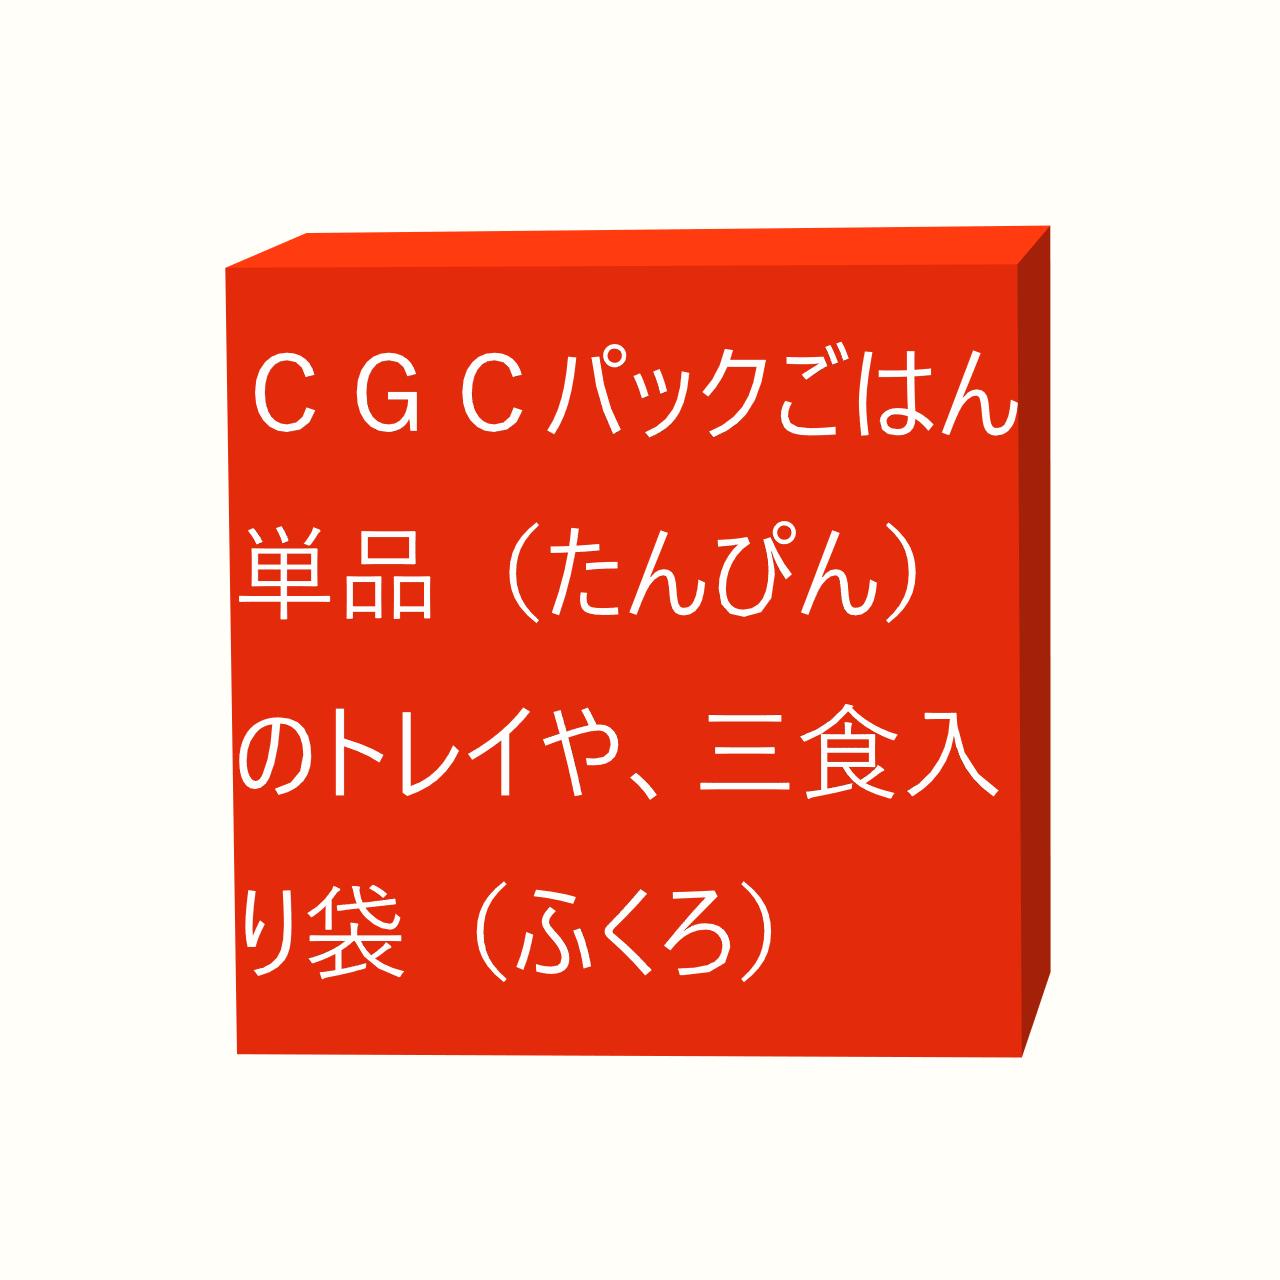 CGCのパックごはん単品(たんぴん)のトレイや、3食入り袋(ふくろ)の背面(はいめん)、表面(おもてめん)や、CGC商品券(しょうひんけん)、ポテトチップスなどにかかる画像(がぞう)